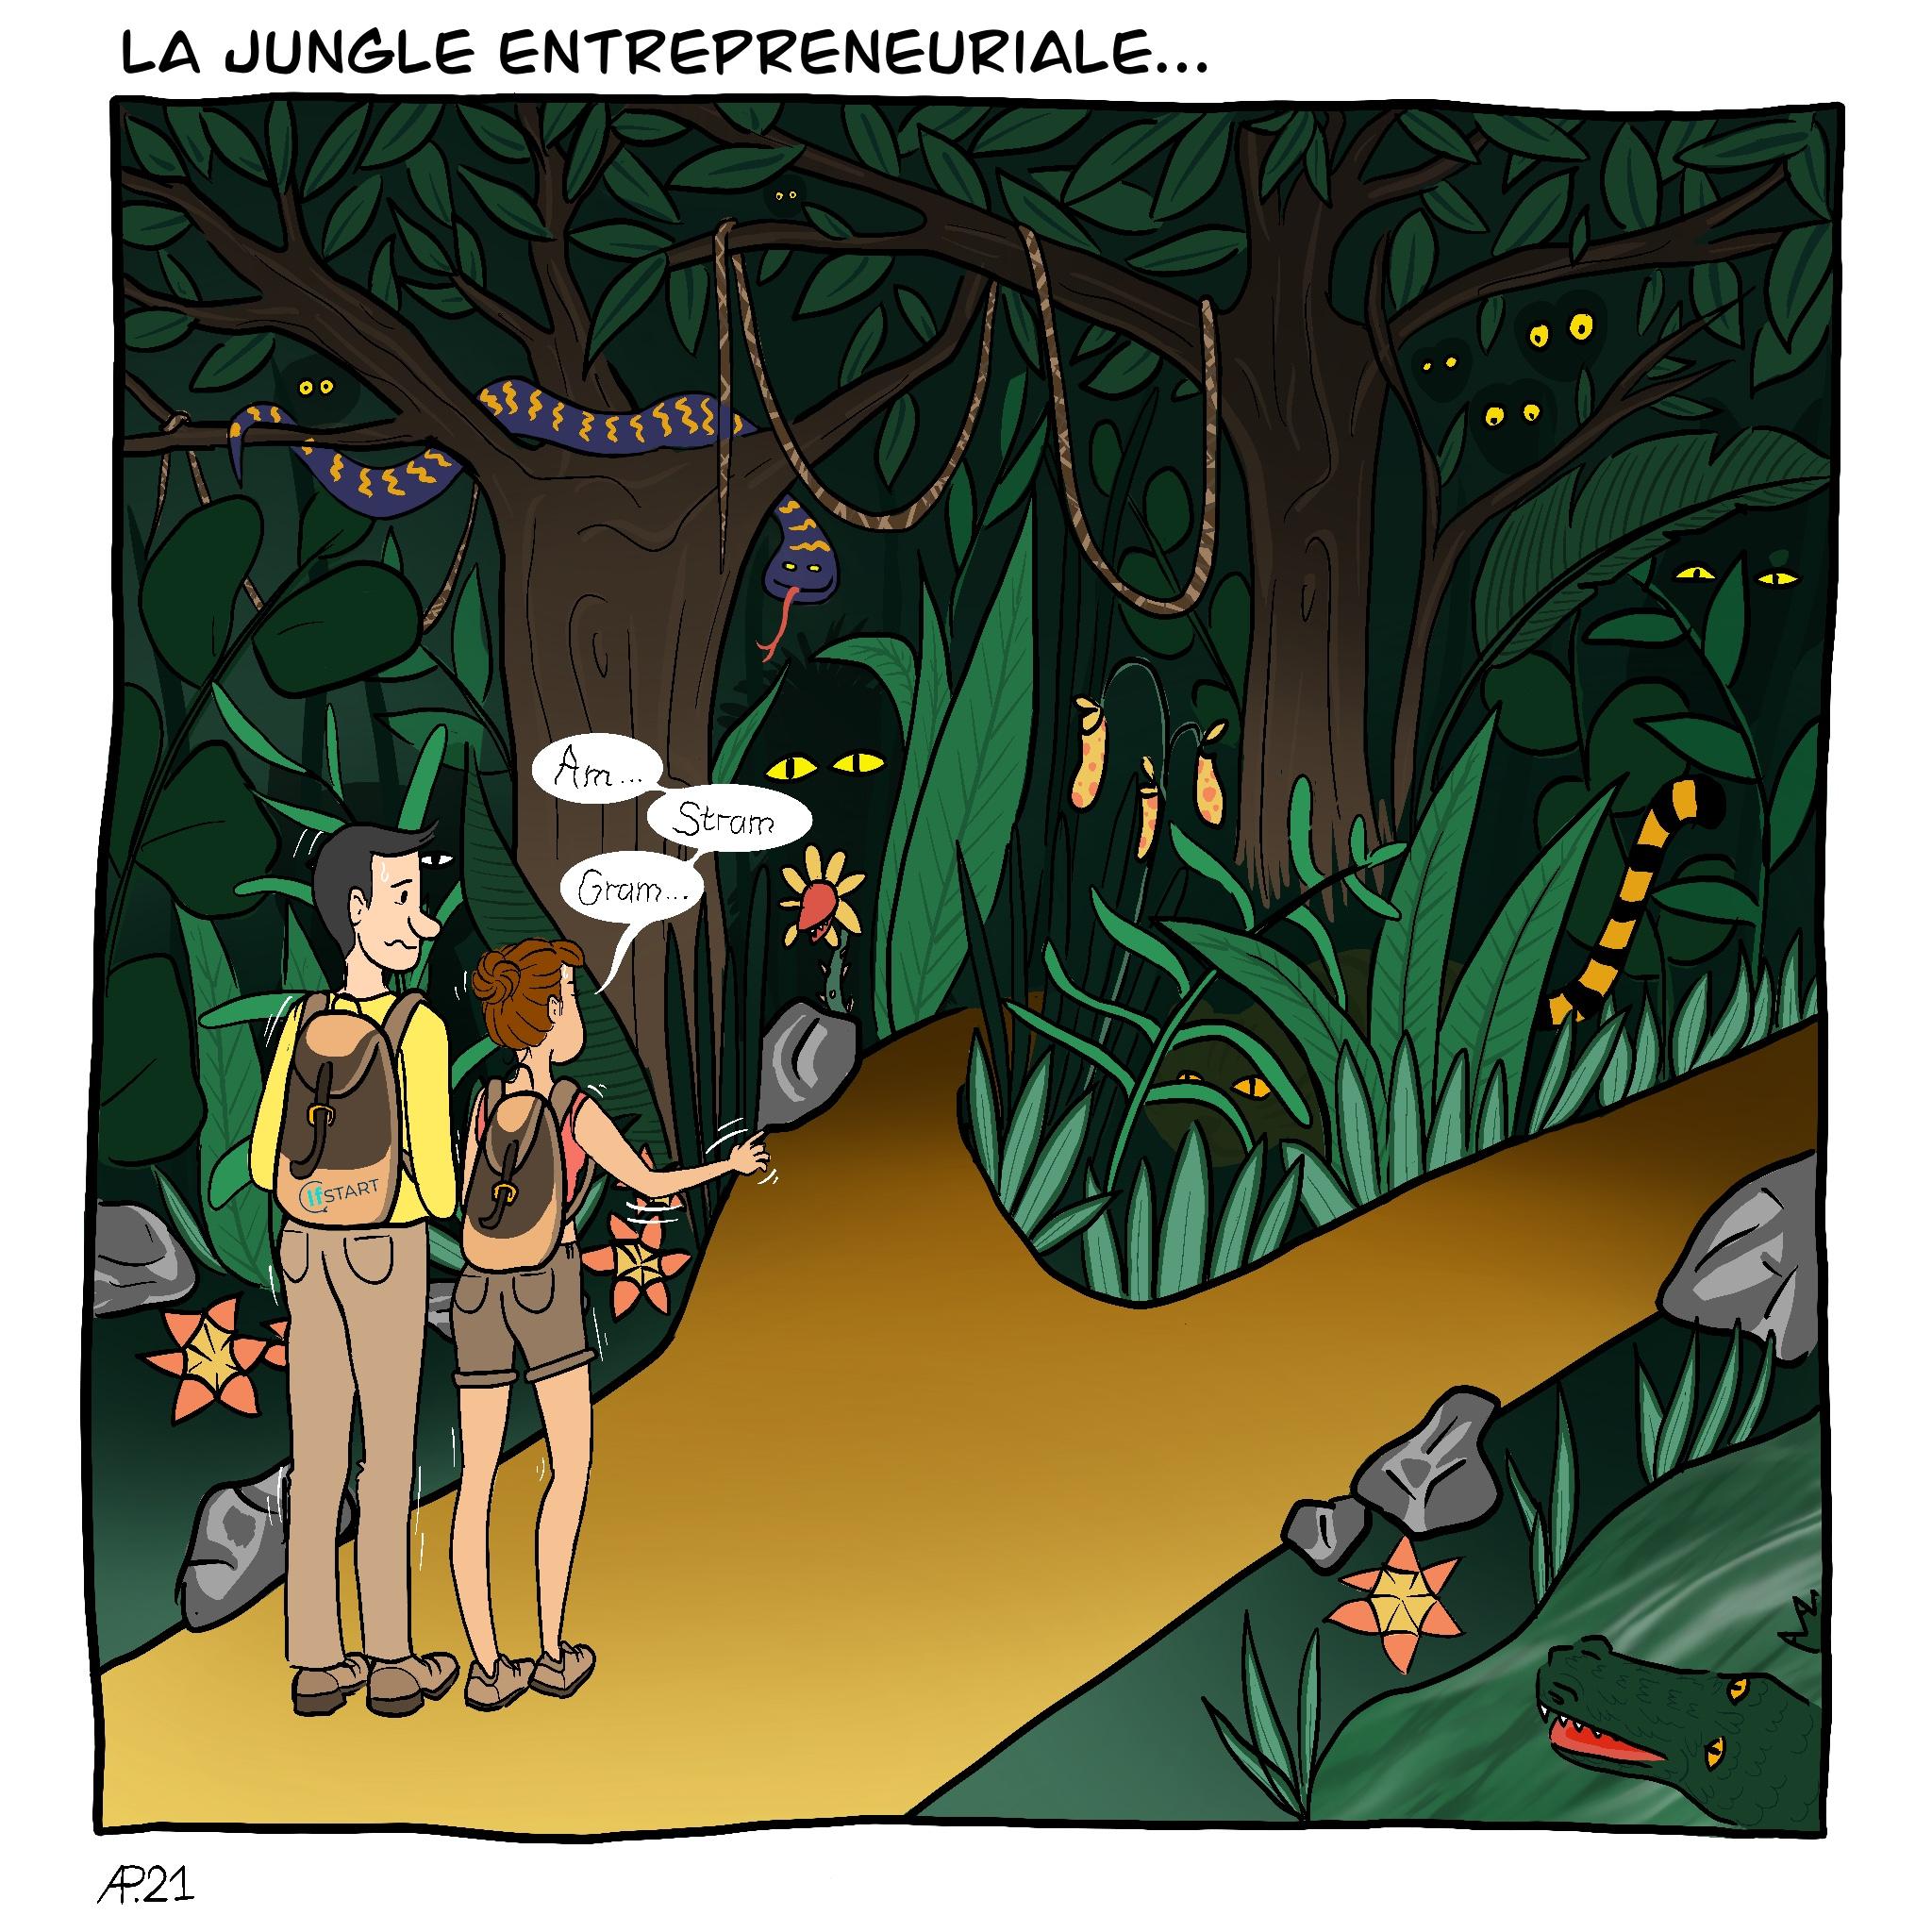 entrepreneuriat doutes